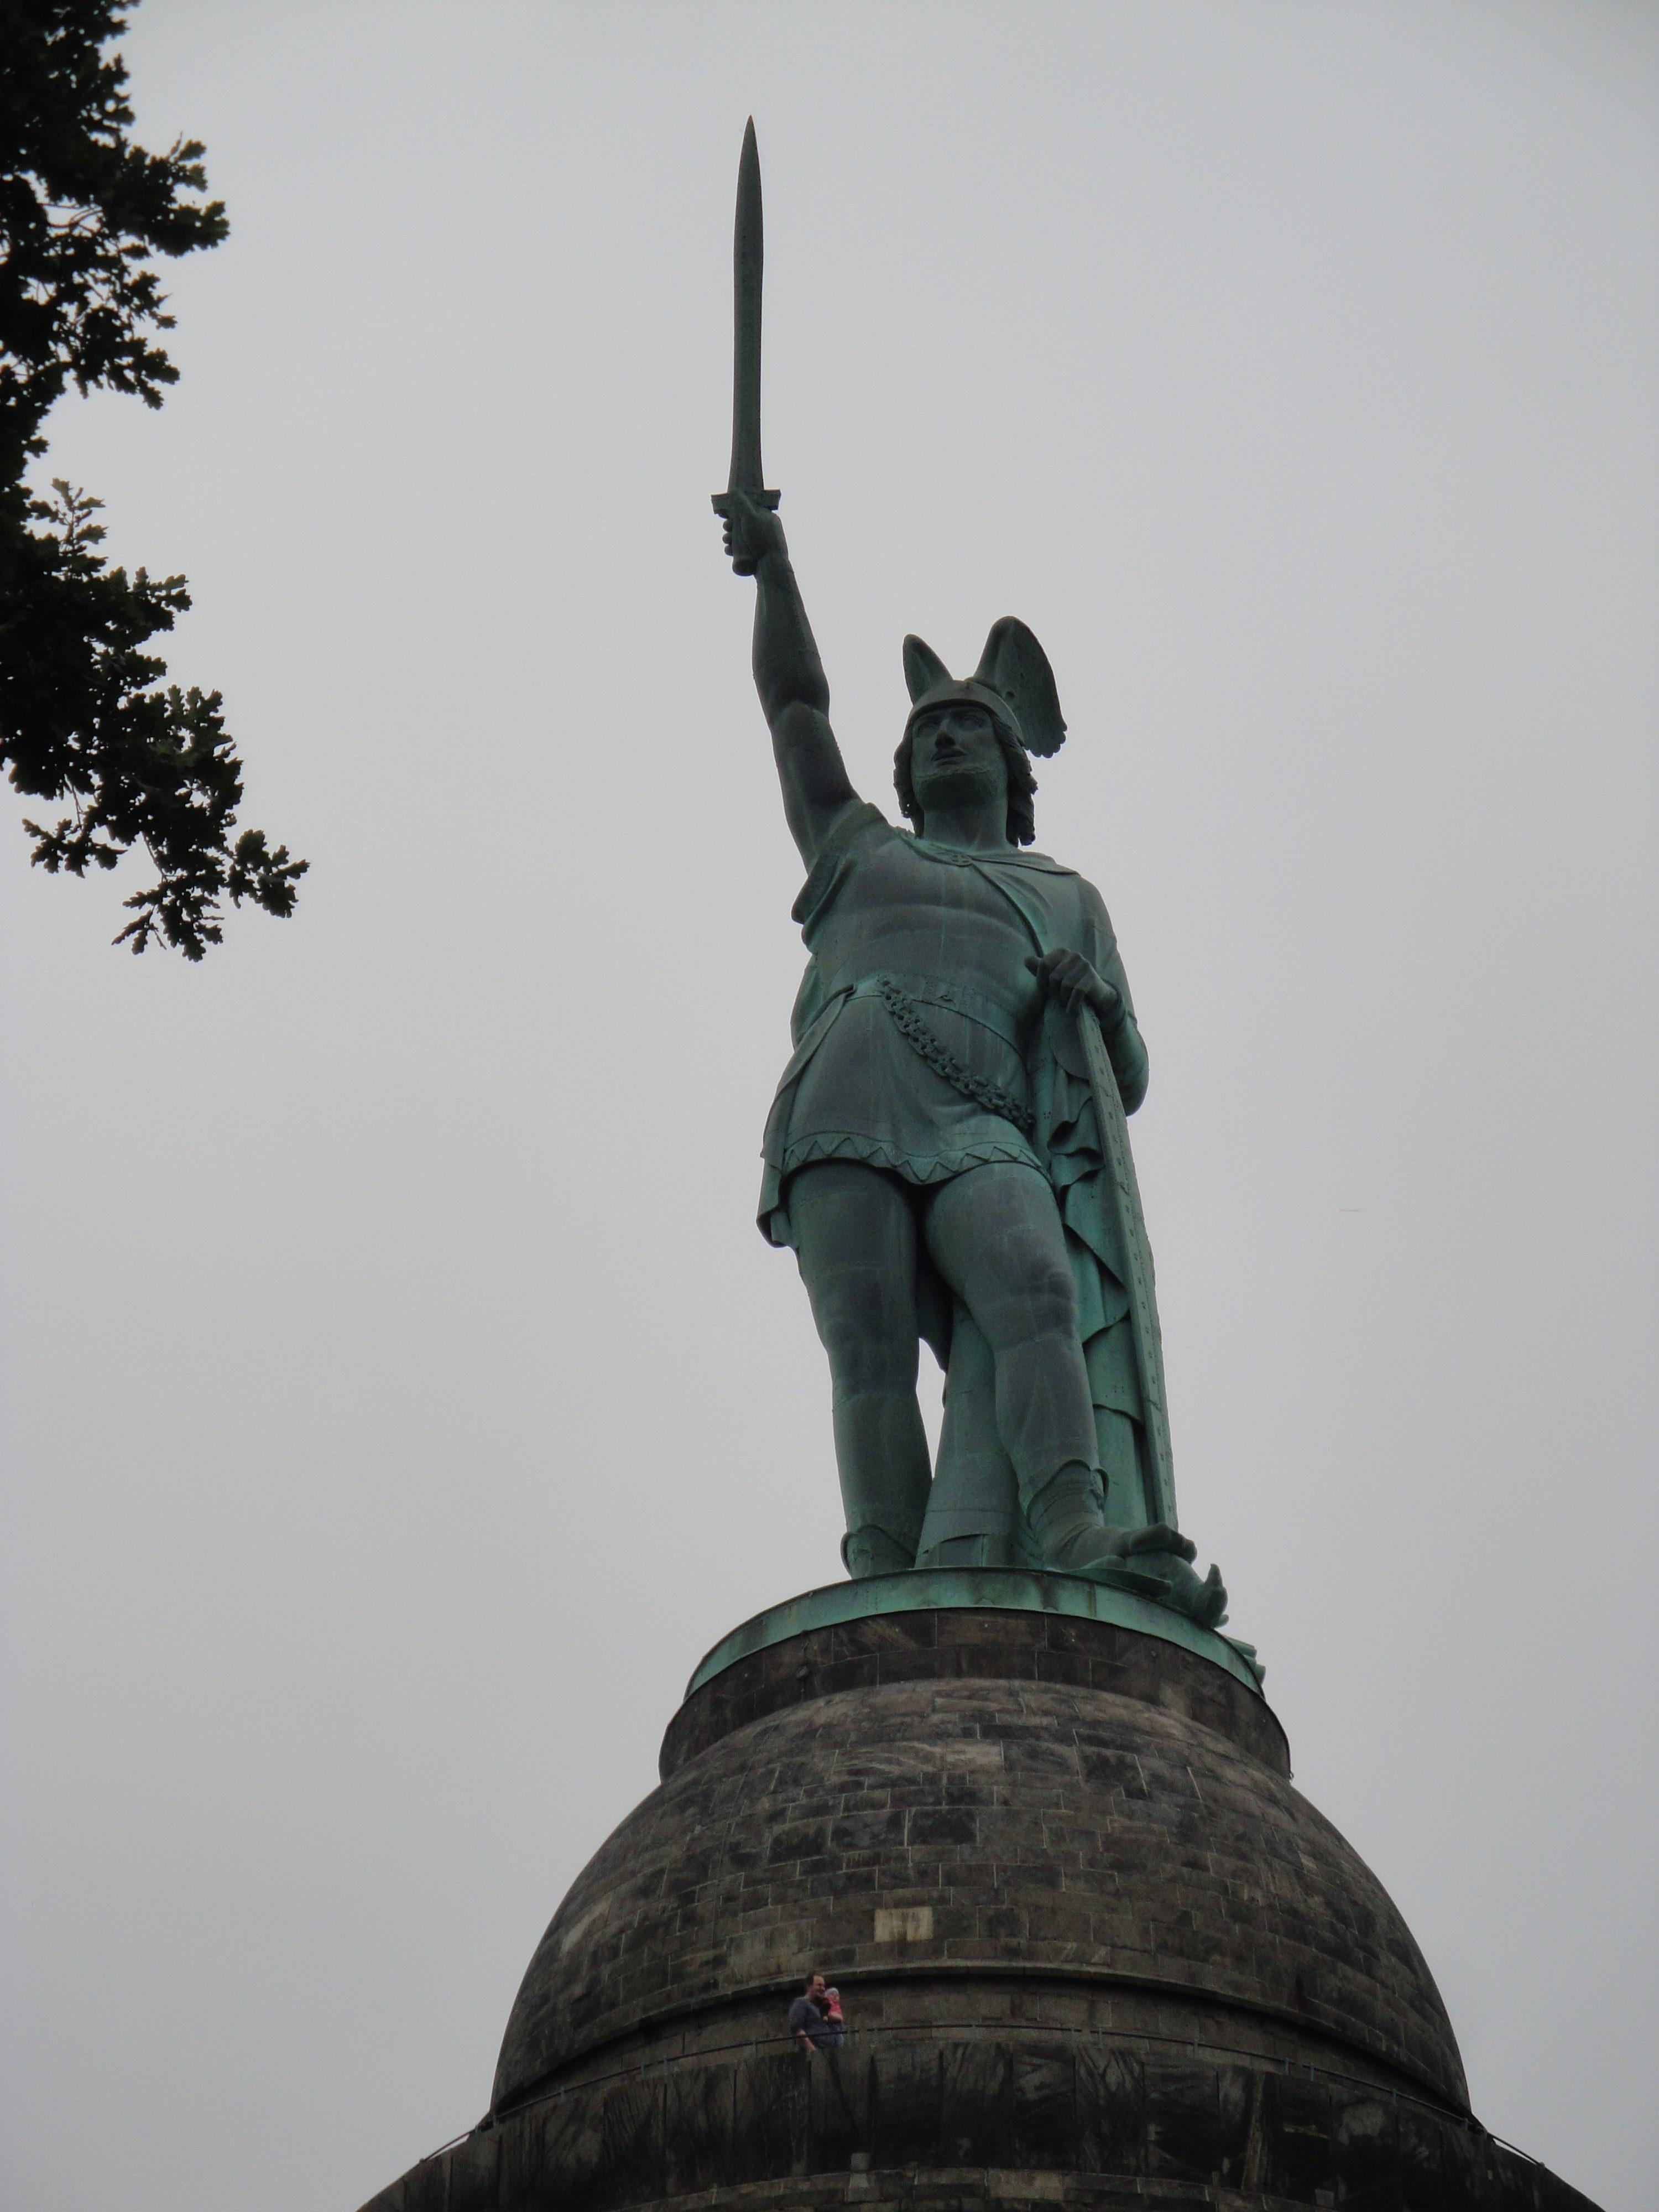 Onze vrouw in Hamburg: Hermann de Duitser